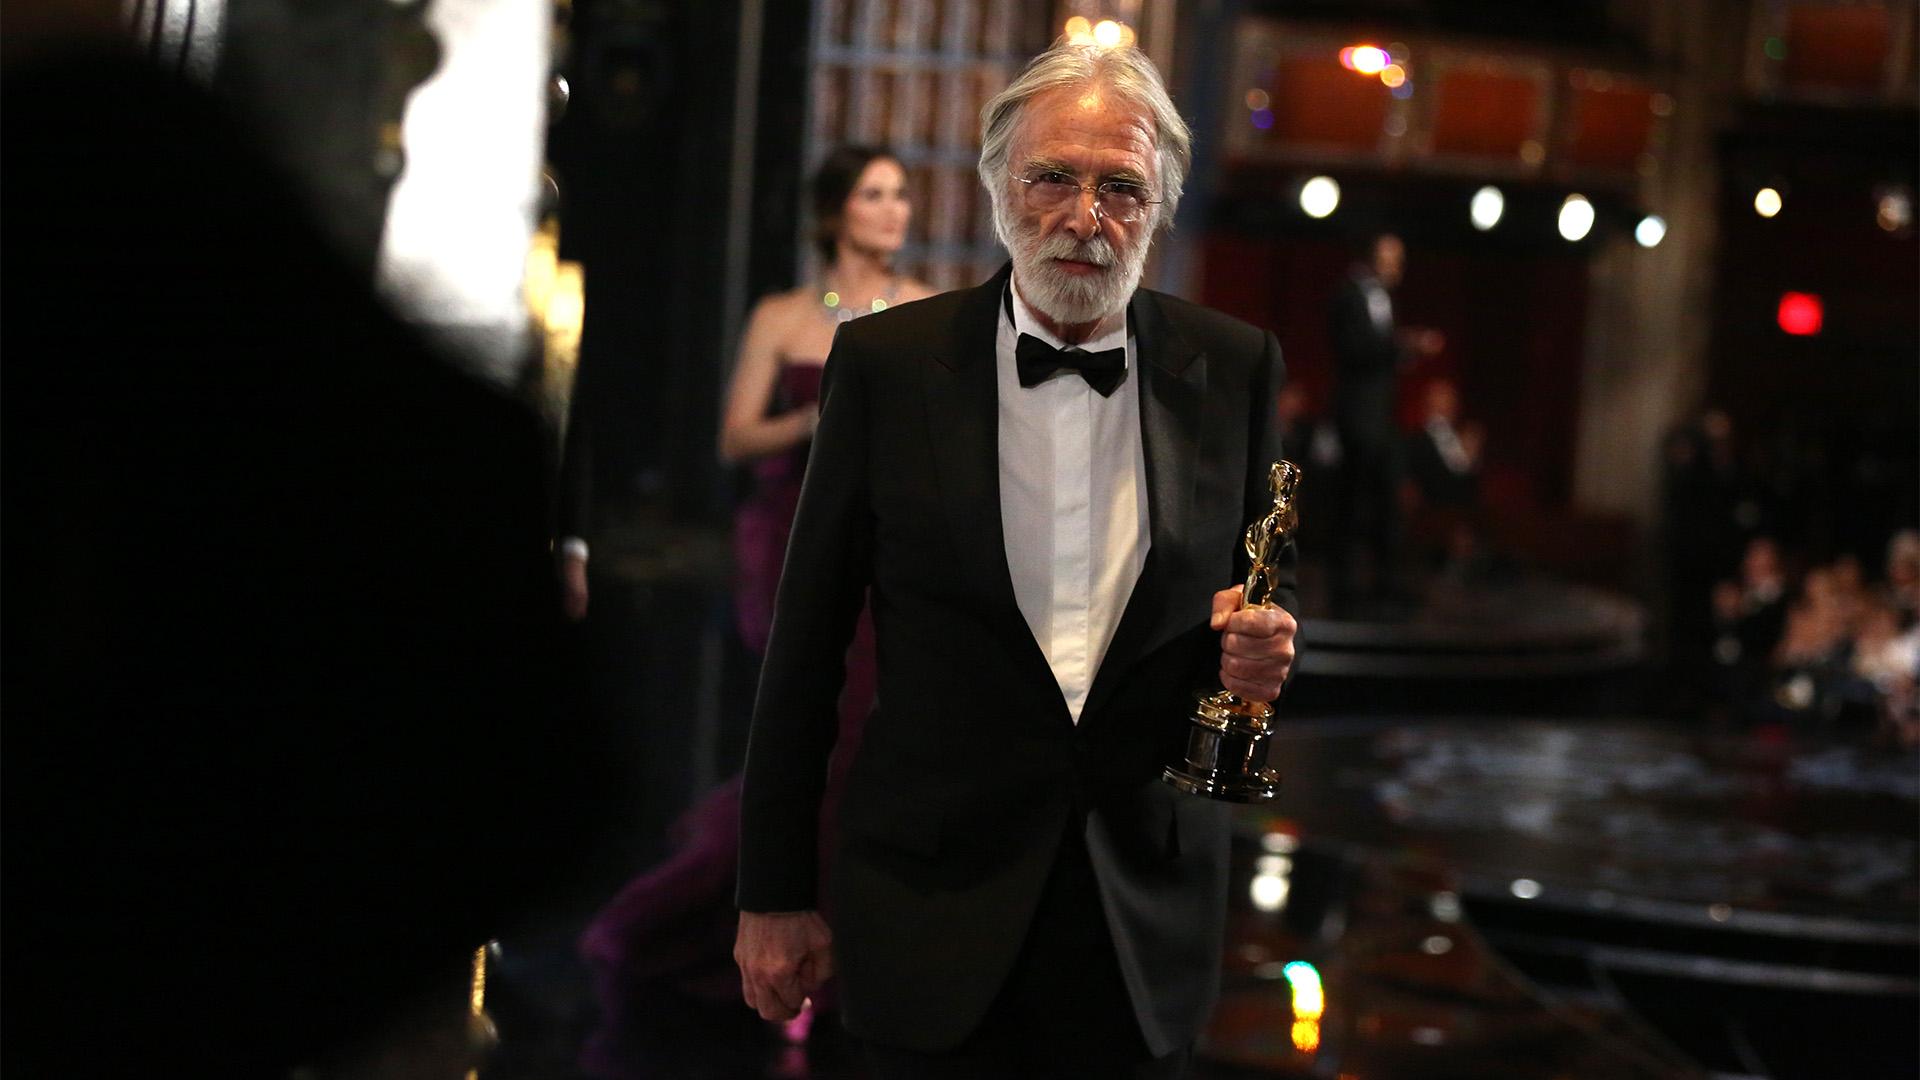 cd4ffde5 «Operasjon Argo» vant Oscar-pris for beste film « NRK Filmpolitiet - alt om  film, spill og tv-serier